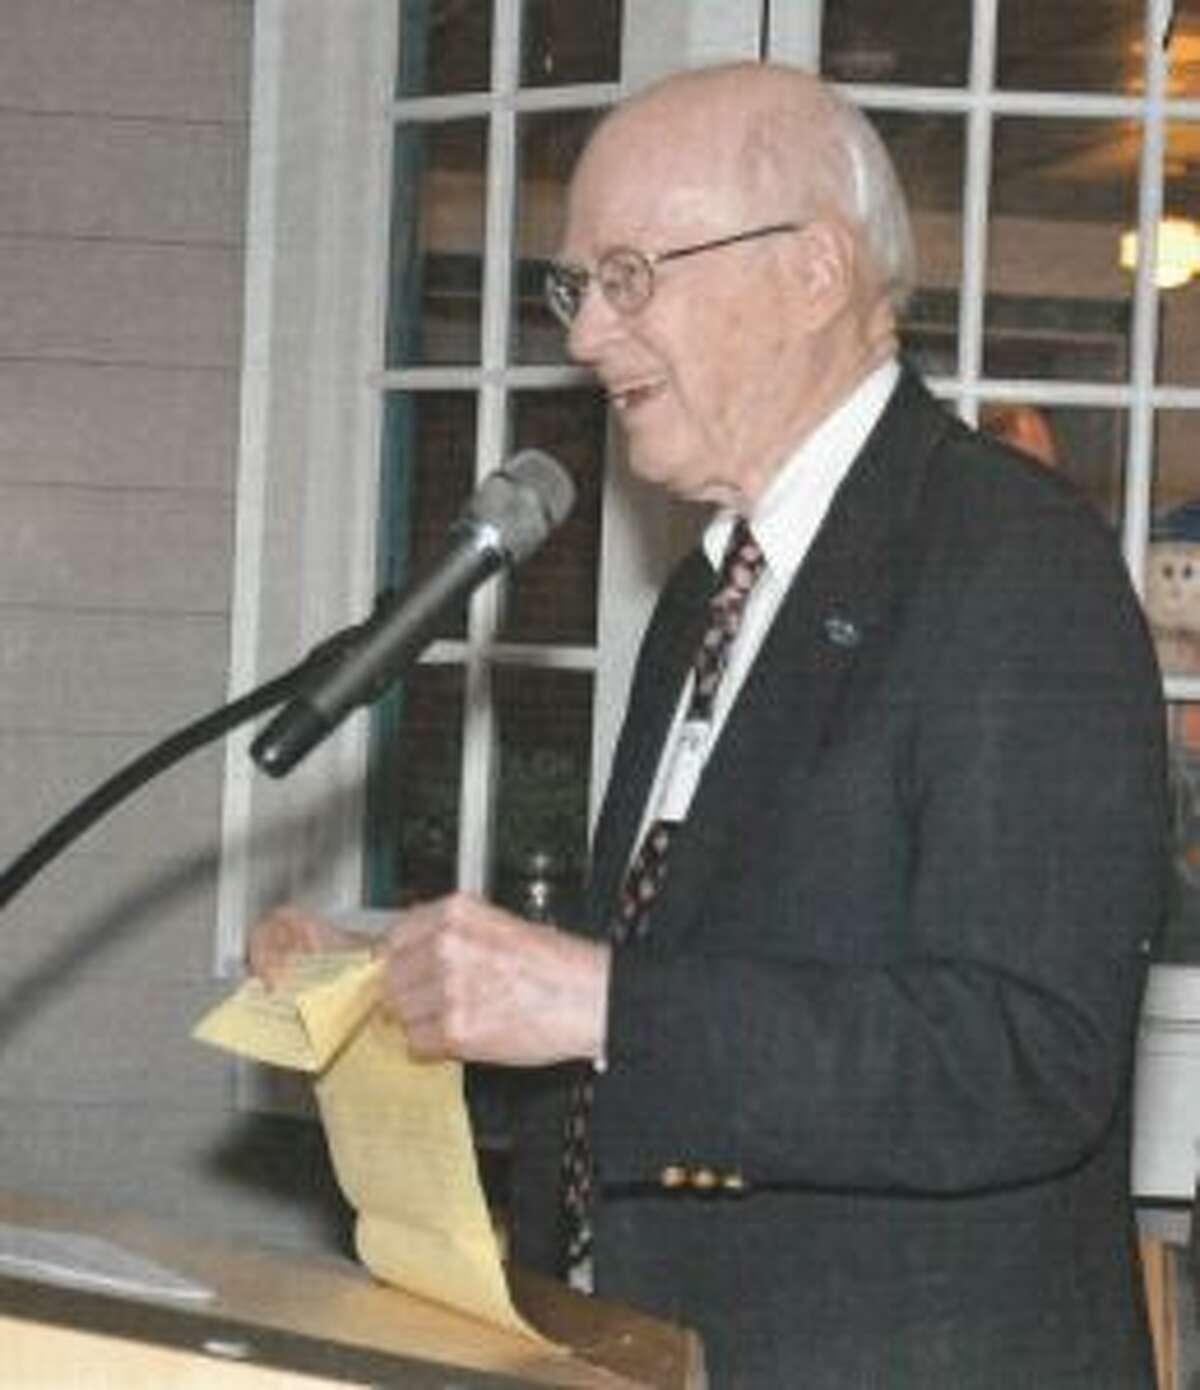 Jim Bach